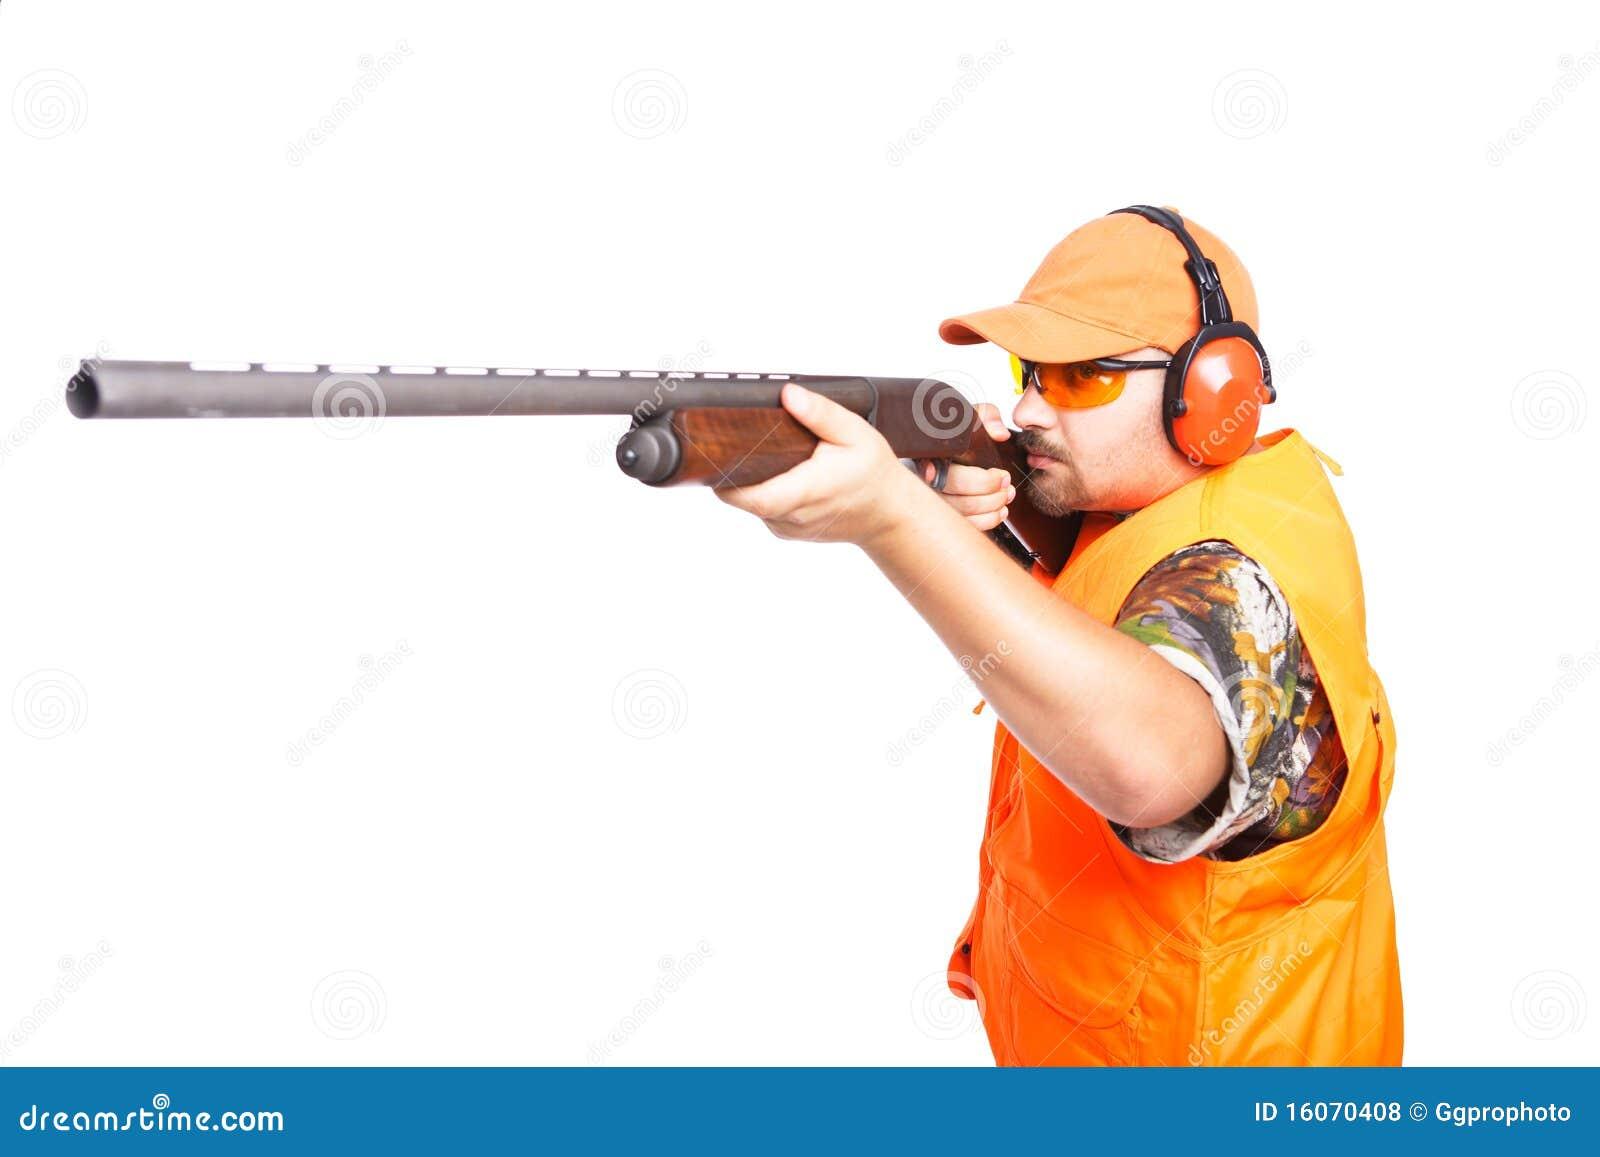 Hunter Aiming Pump Action Shotgun Royalty Free Stock ...